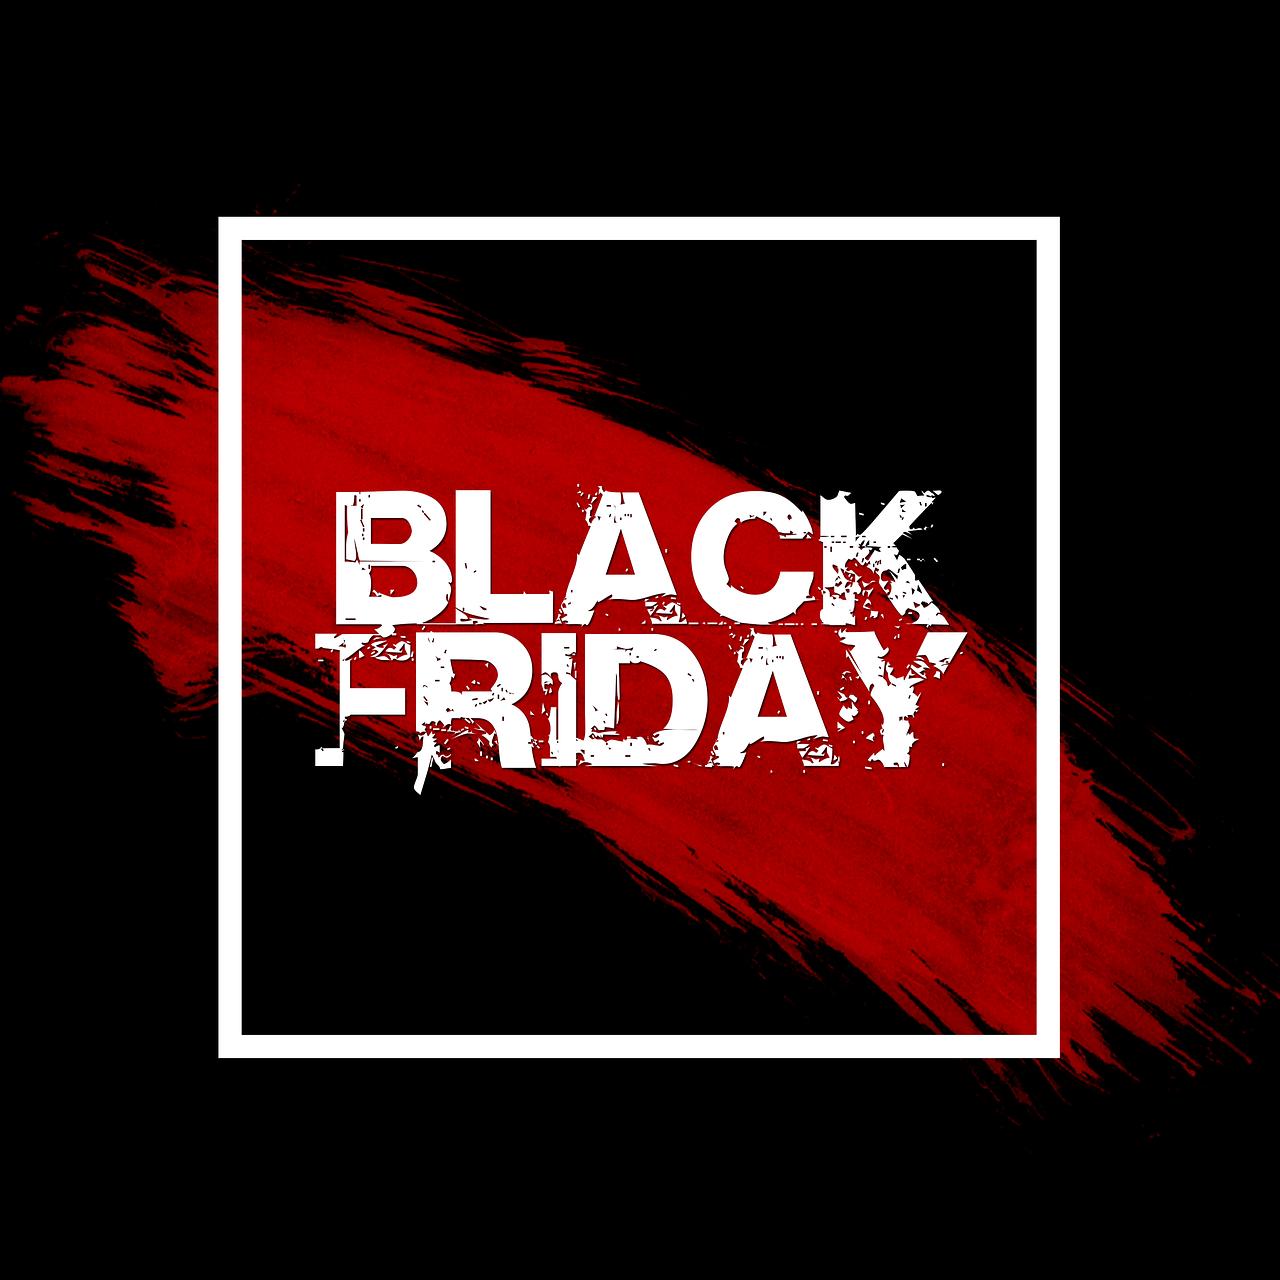 Black Friday 2019: lista sklepów, lista promocji - weekend zniżek 29 listopada 2019 - 2 grudnia 2019